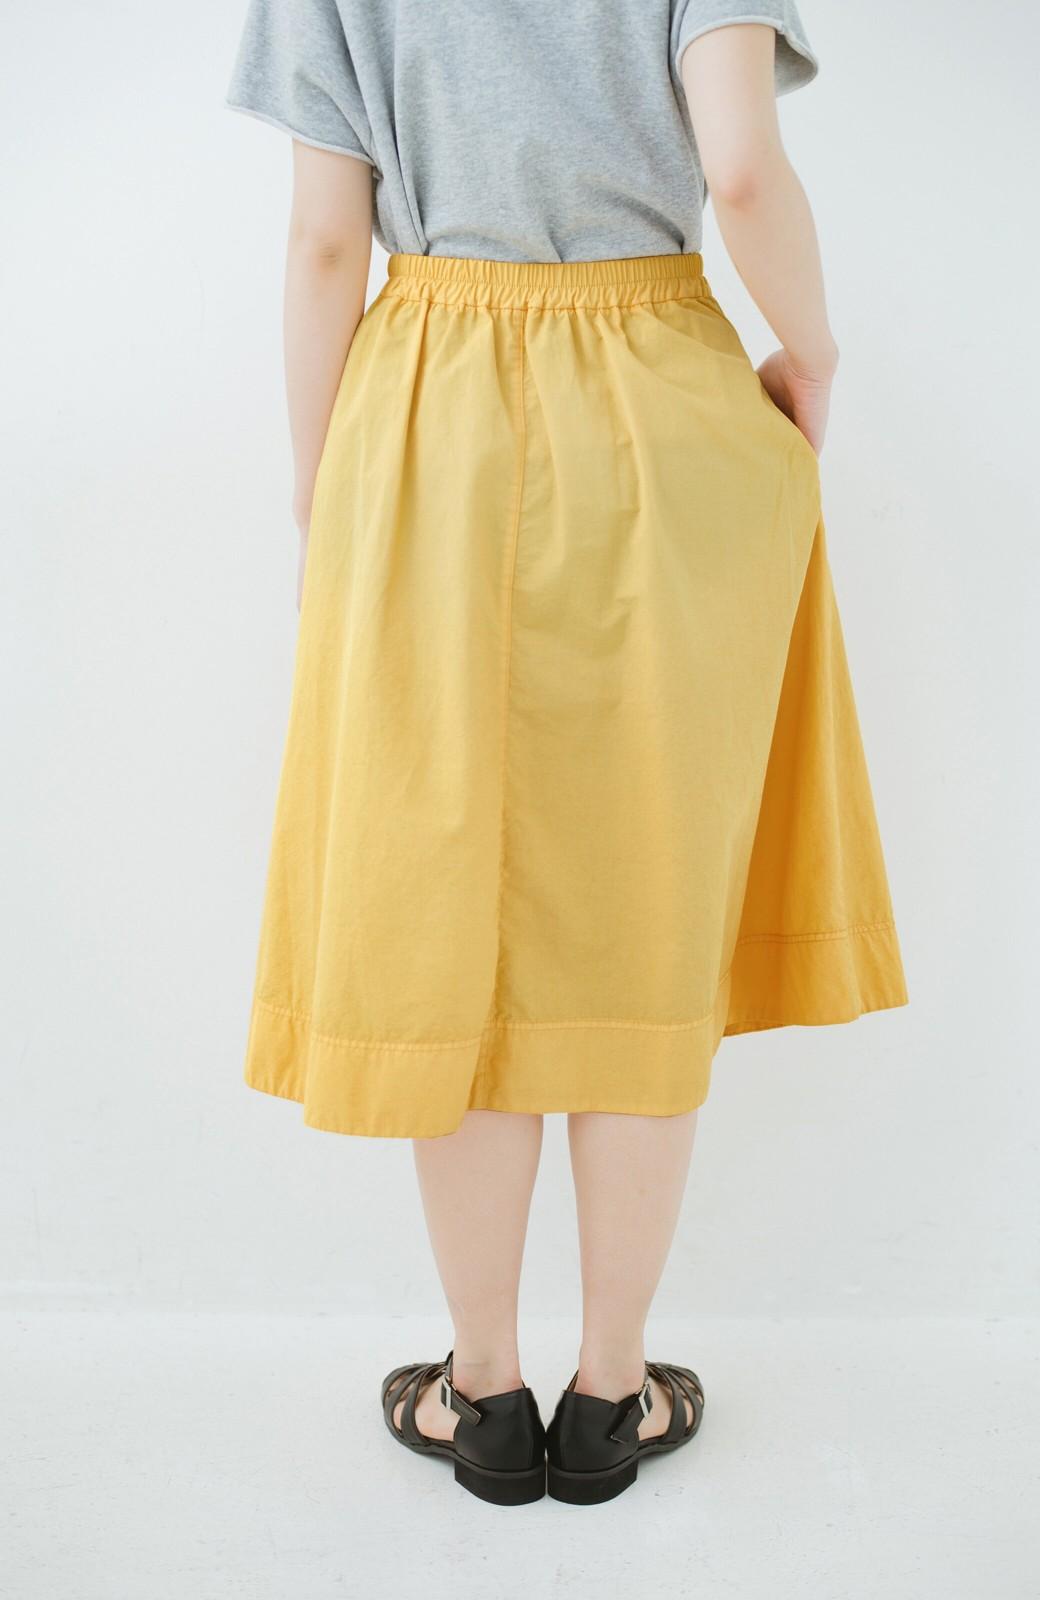 haco! 花や野菜を使って染めた 楽ちんキレイなフレアースカート <イエロー>の商品写真5